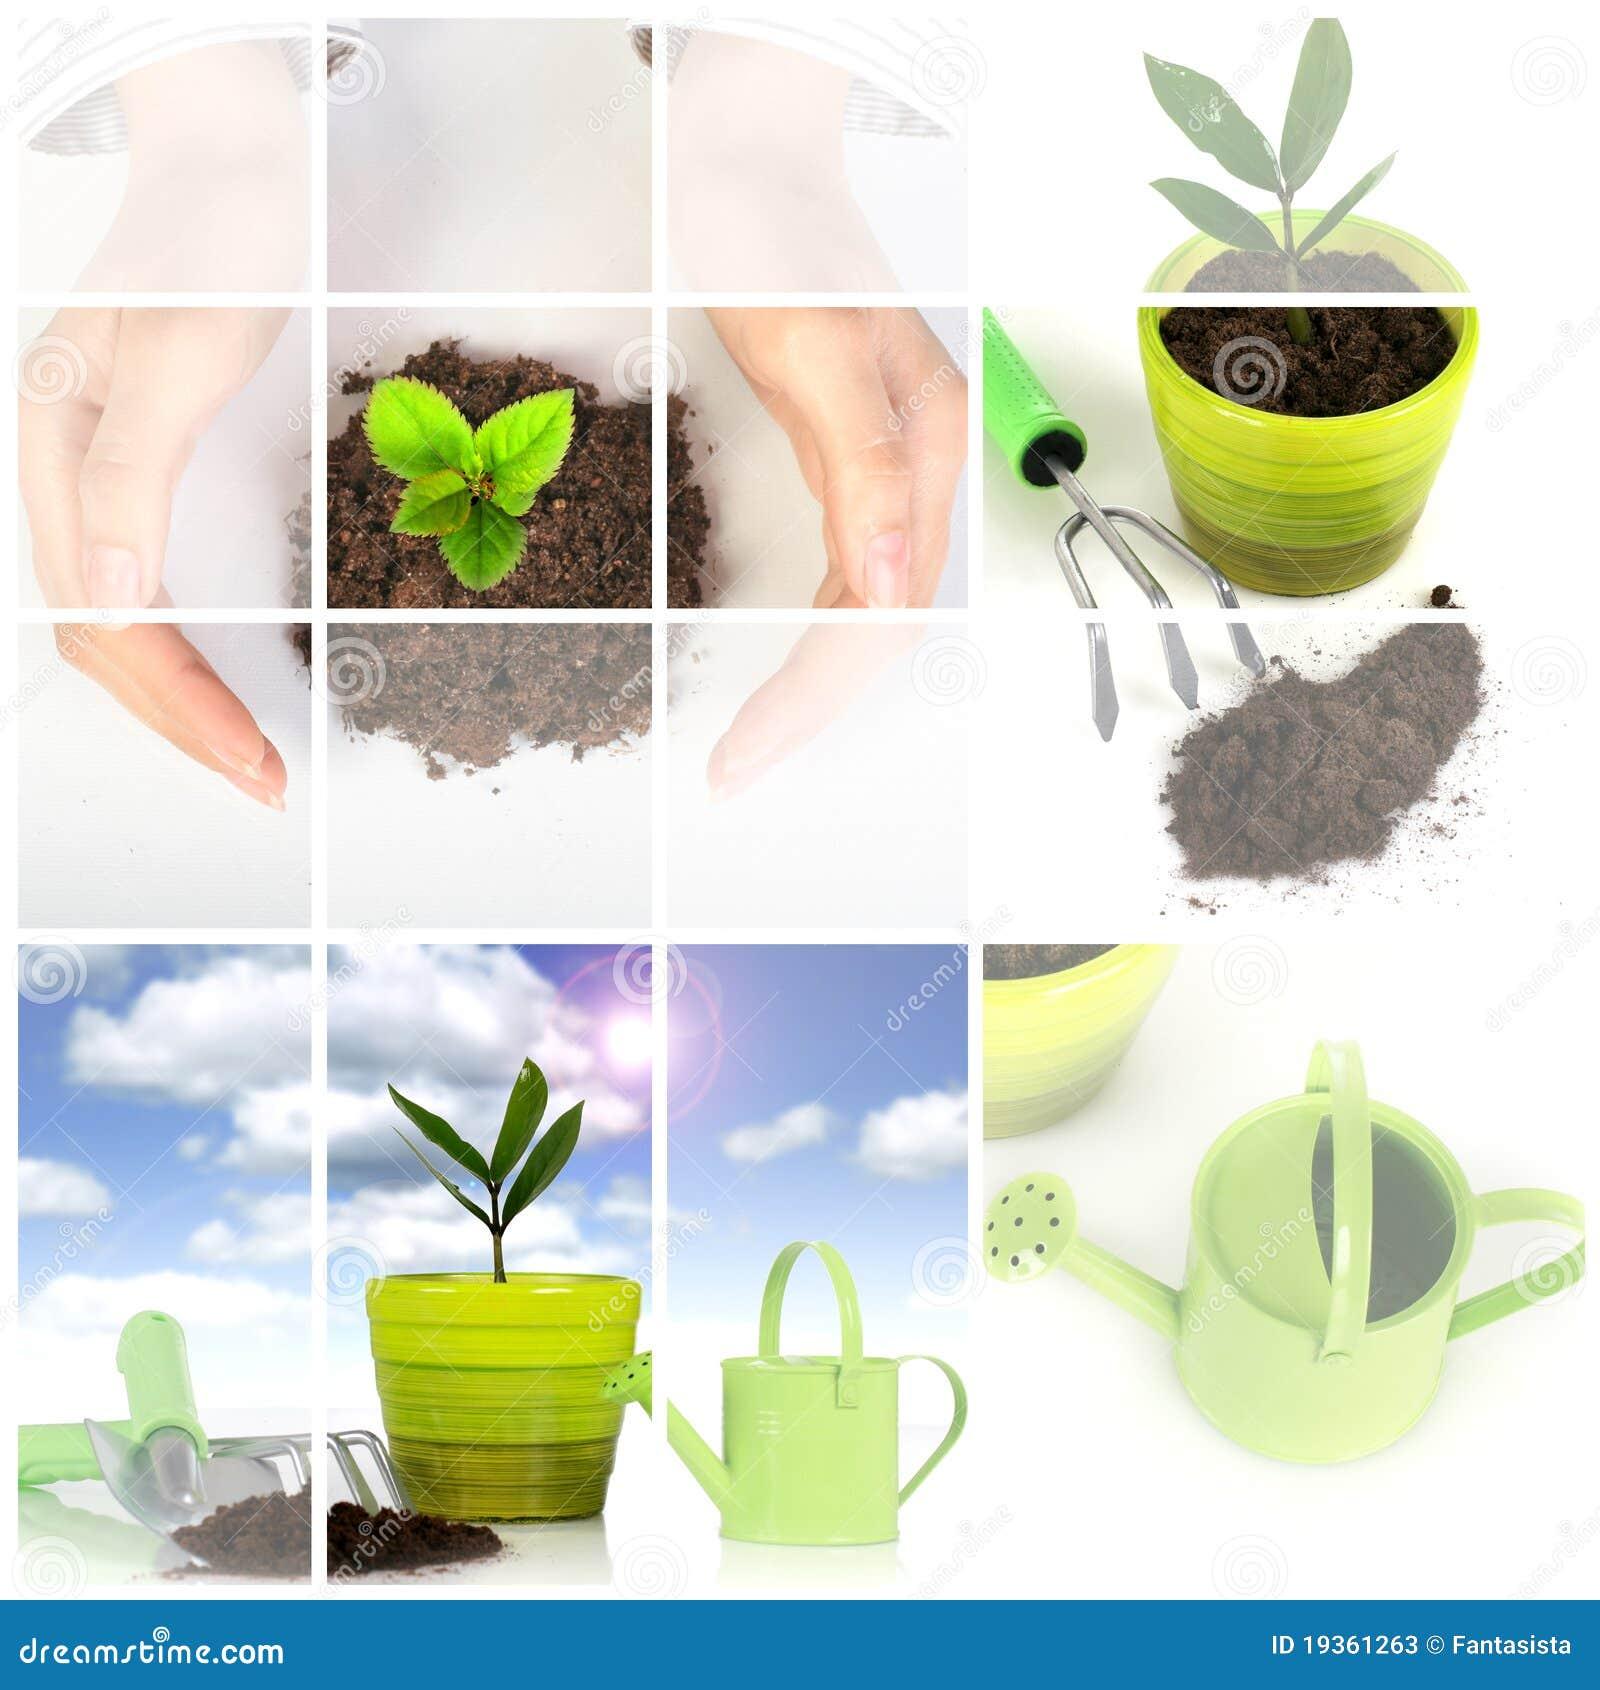 Planta com as ferramentas de jardim isoladas sobre o branco.